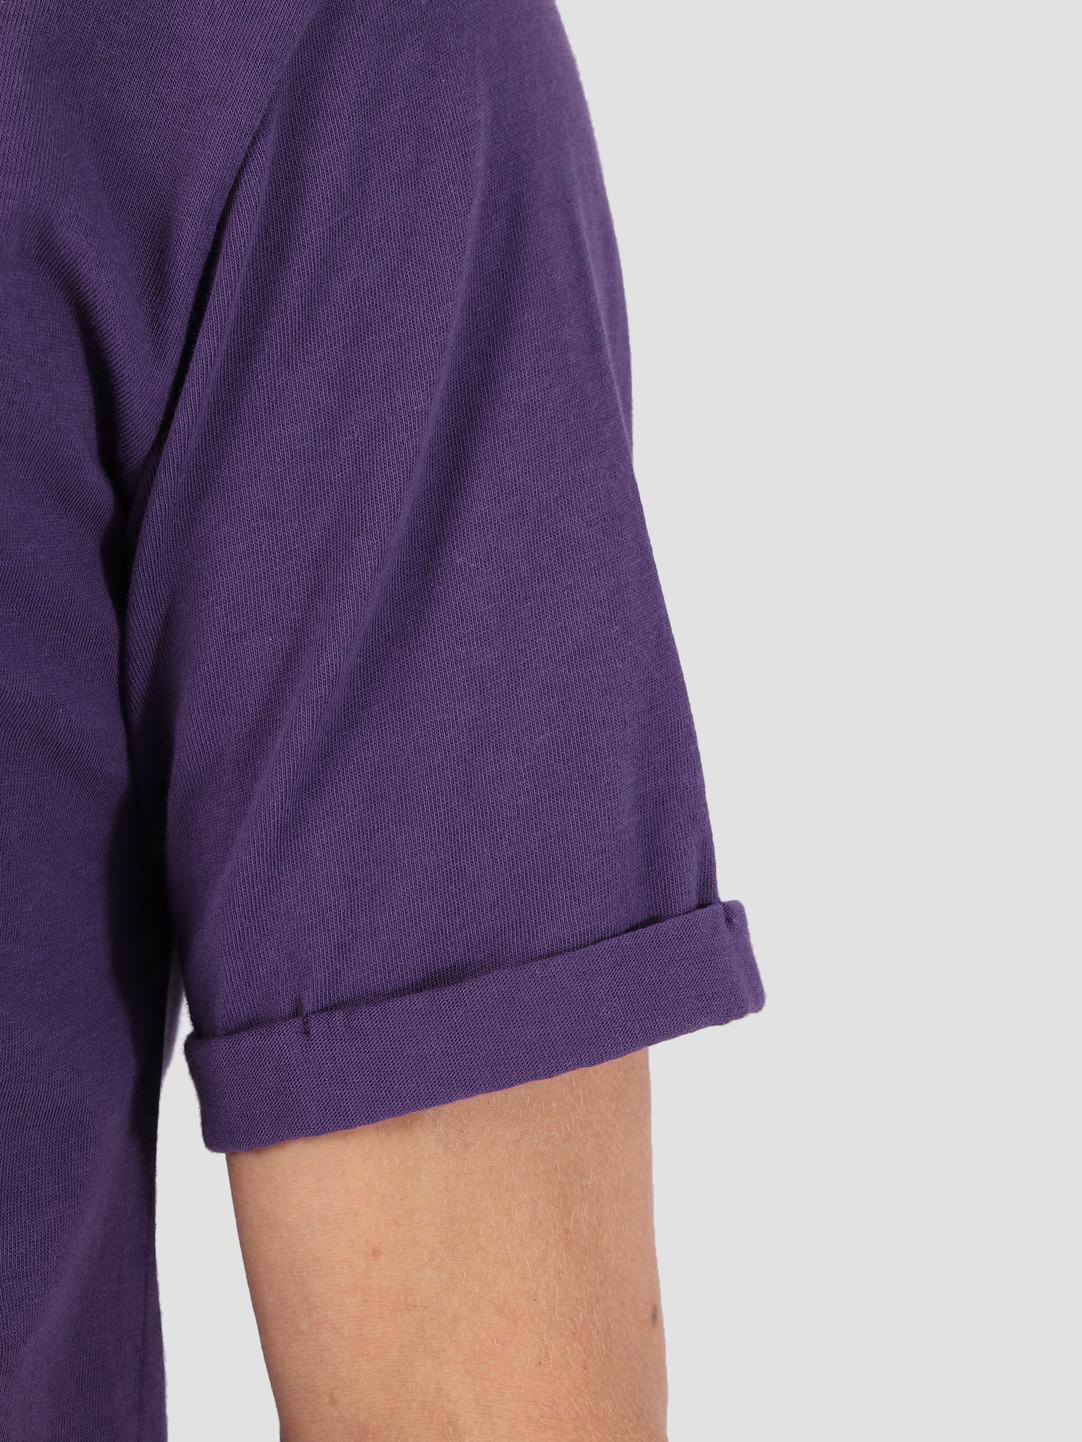 Les Deux Les Deux Les Deux T-Shirt Dark Purple White LDM101001